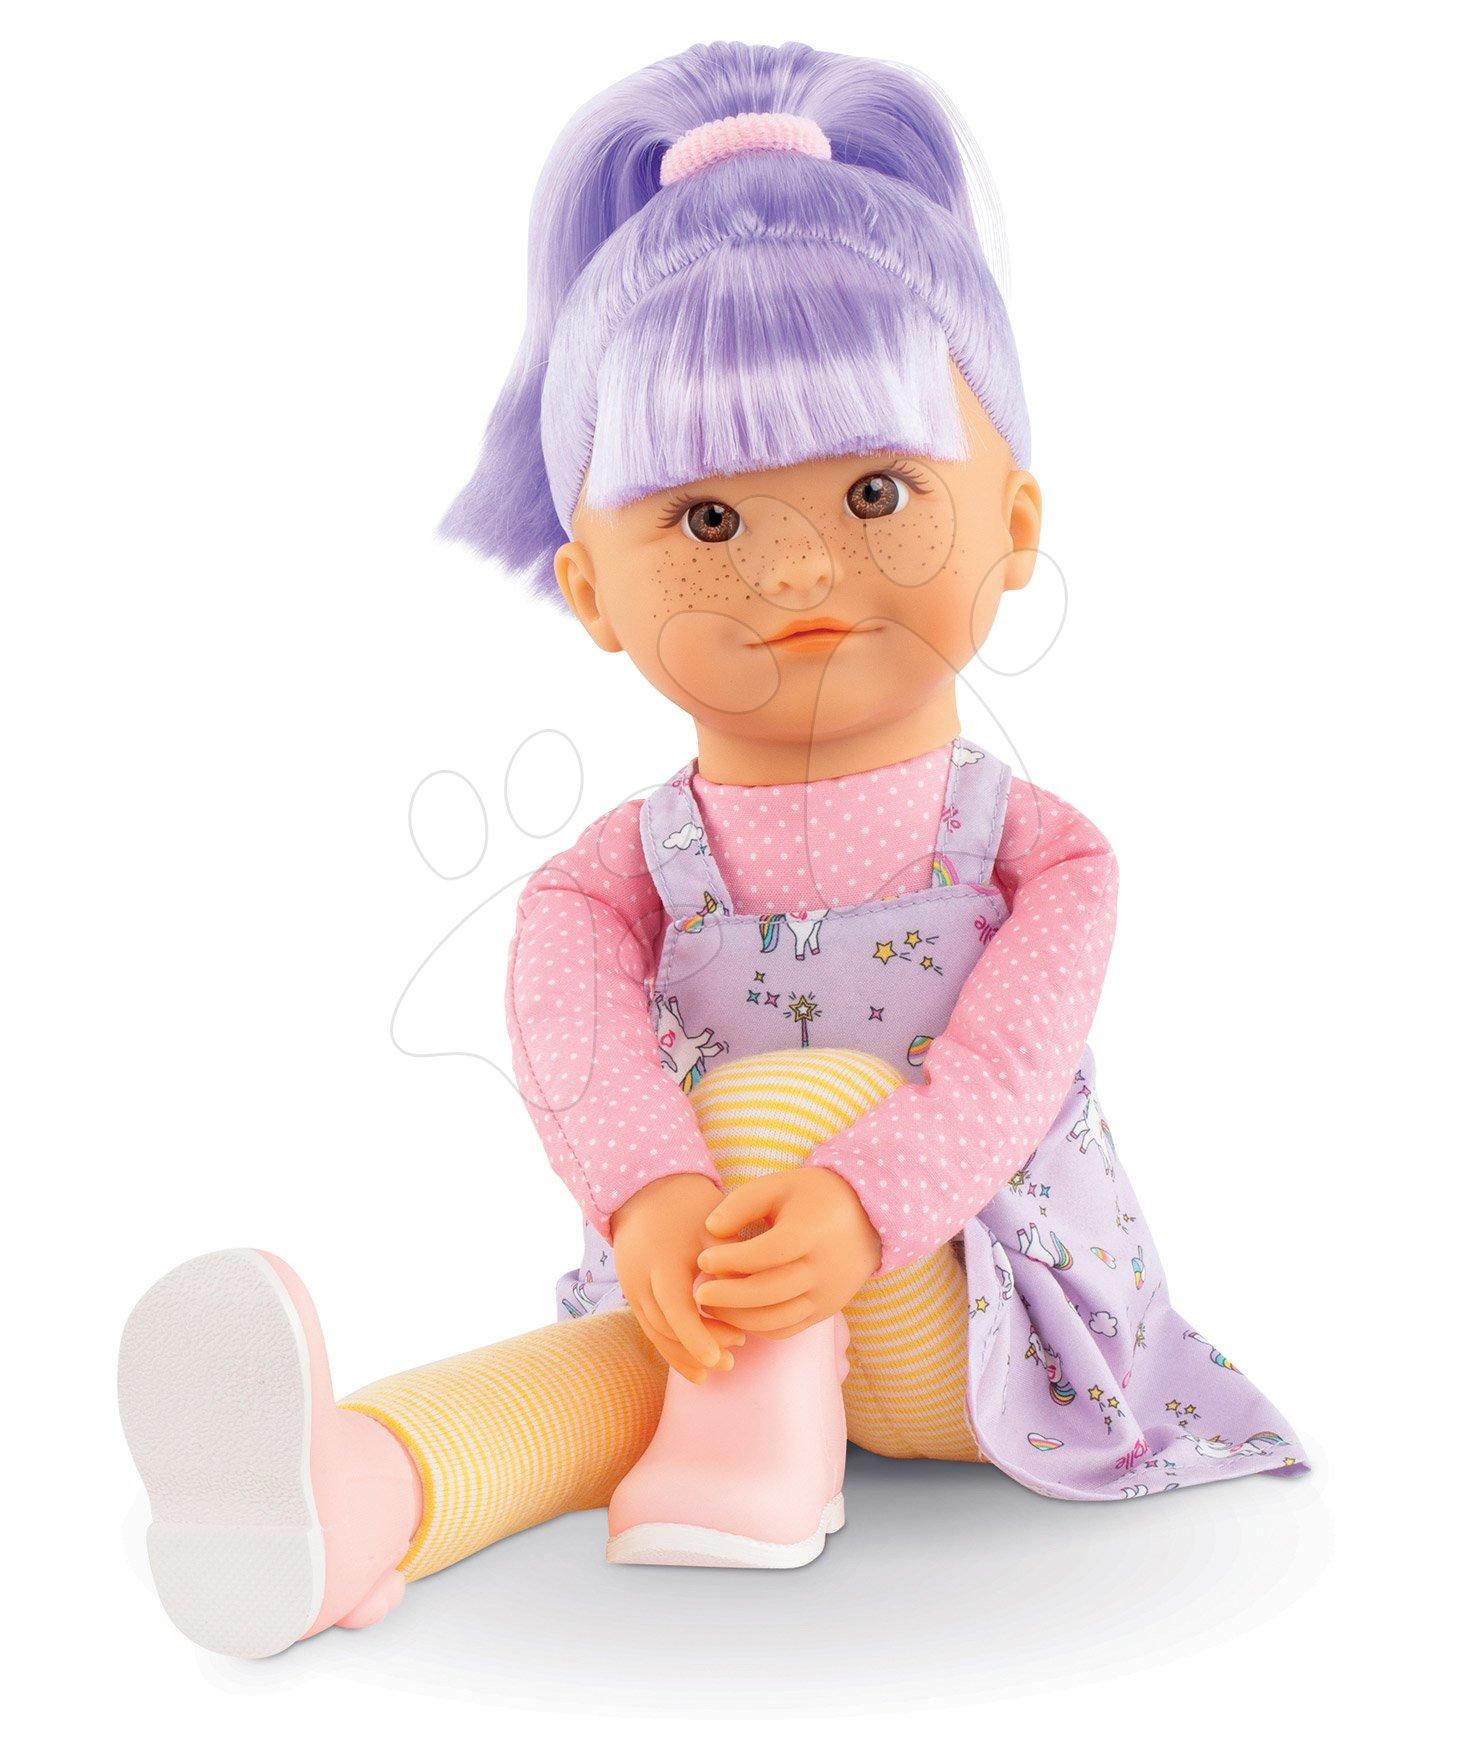 Hračky pro miminka - Panenka Iris Rainbow Dolls Corolle s hedvábnými vlasy a vanilkou fialová 38 cm od 3 let